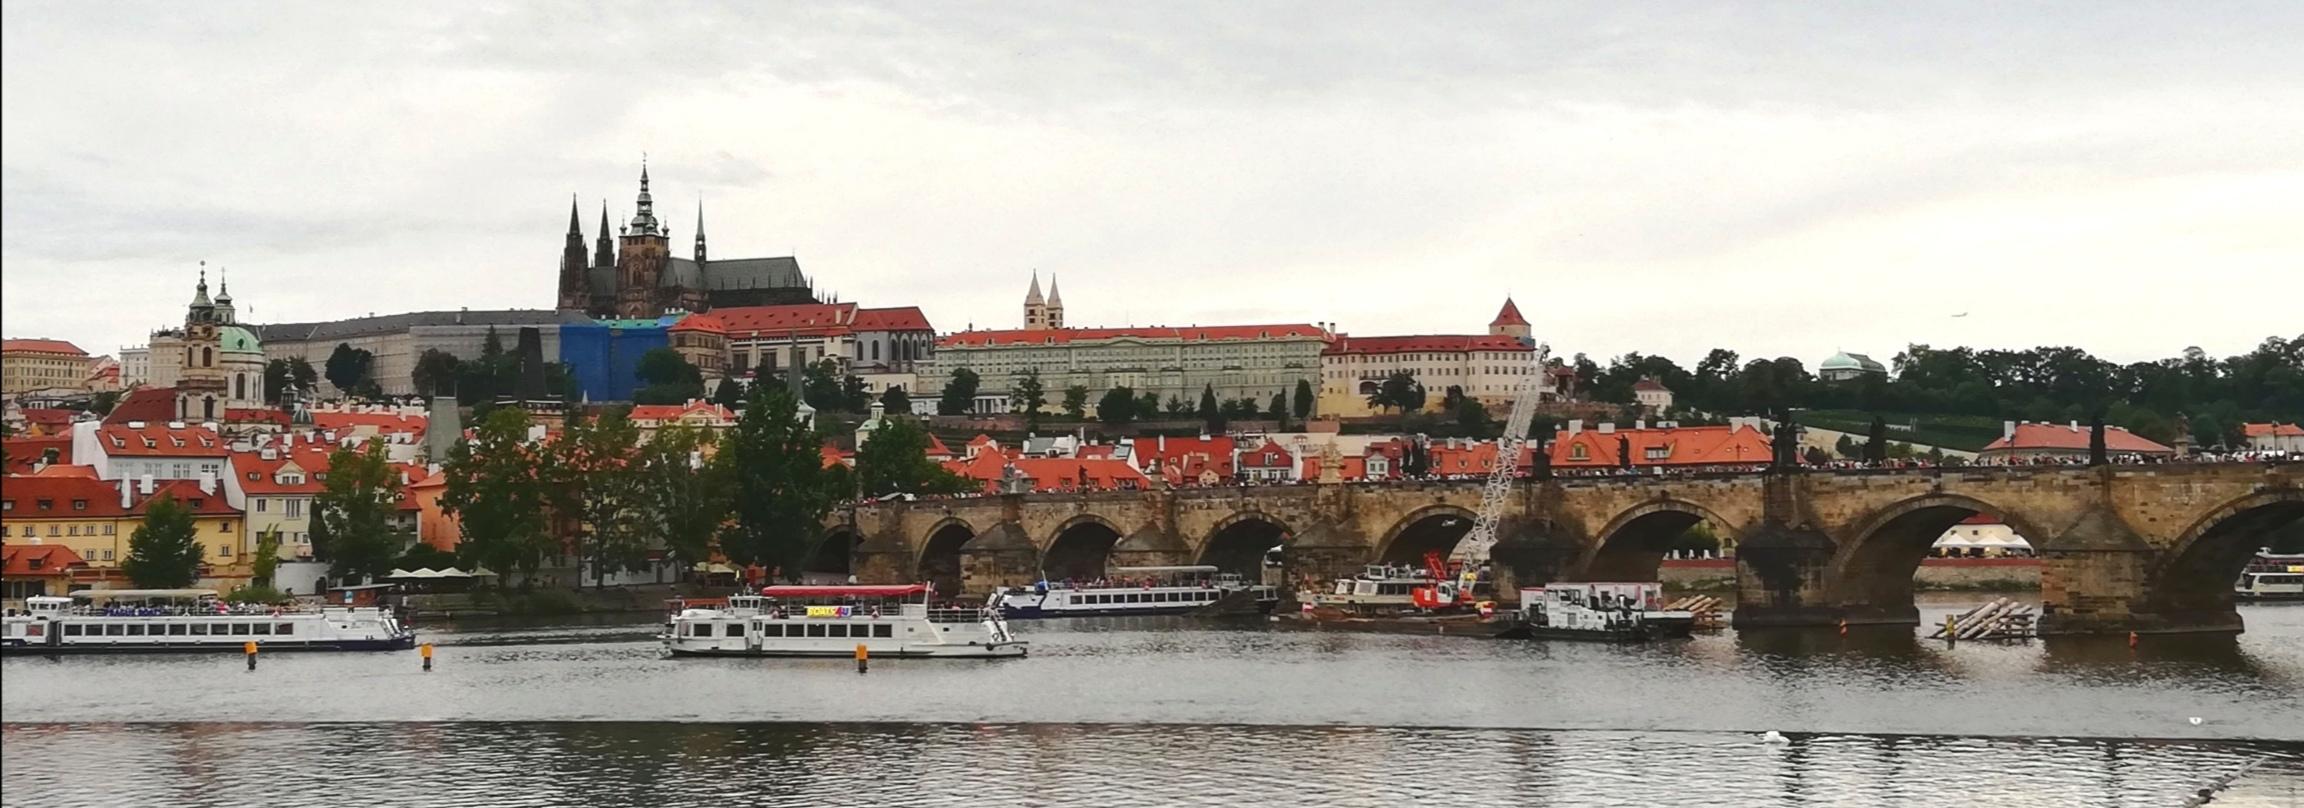 Praga cosa vedere Marilena Pepe Consulente di viaggi